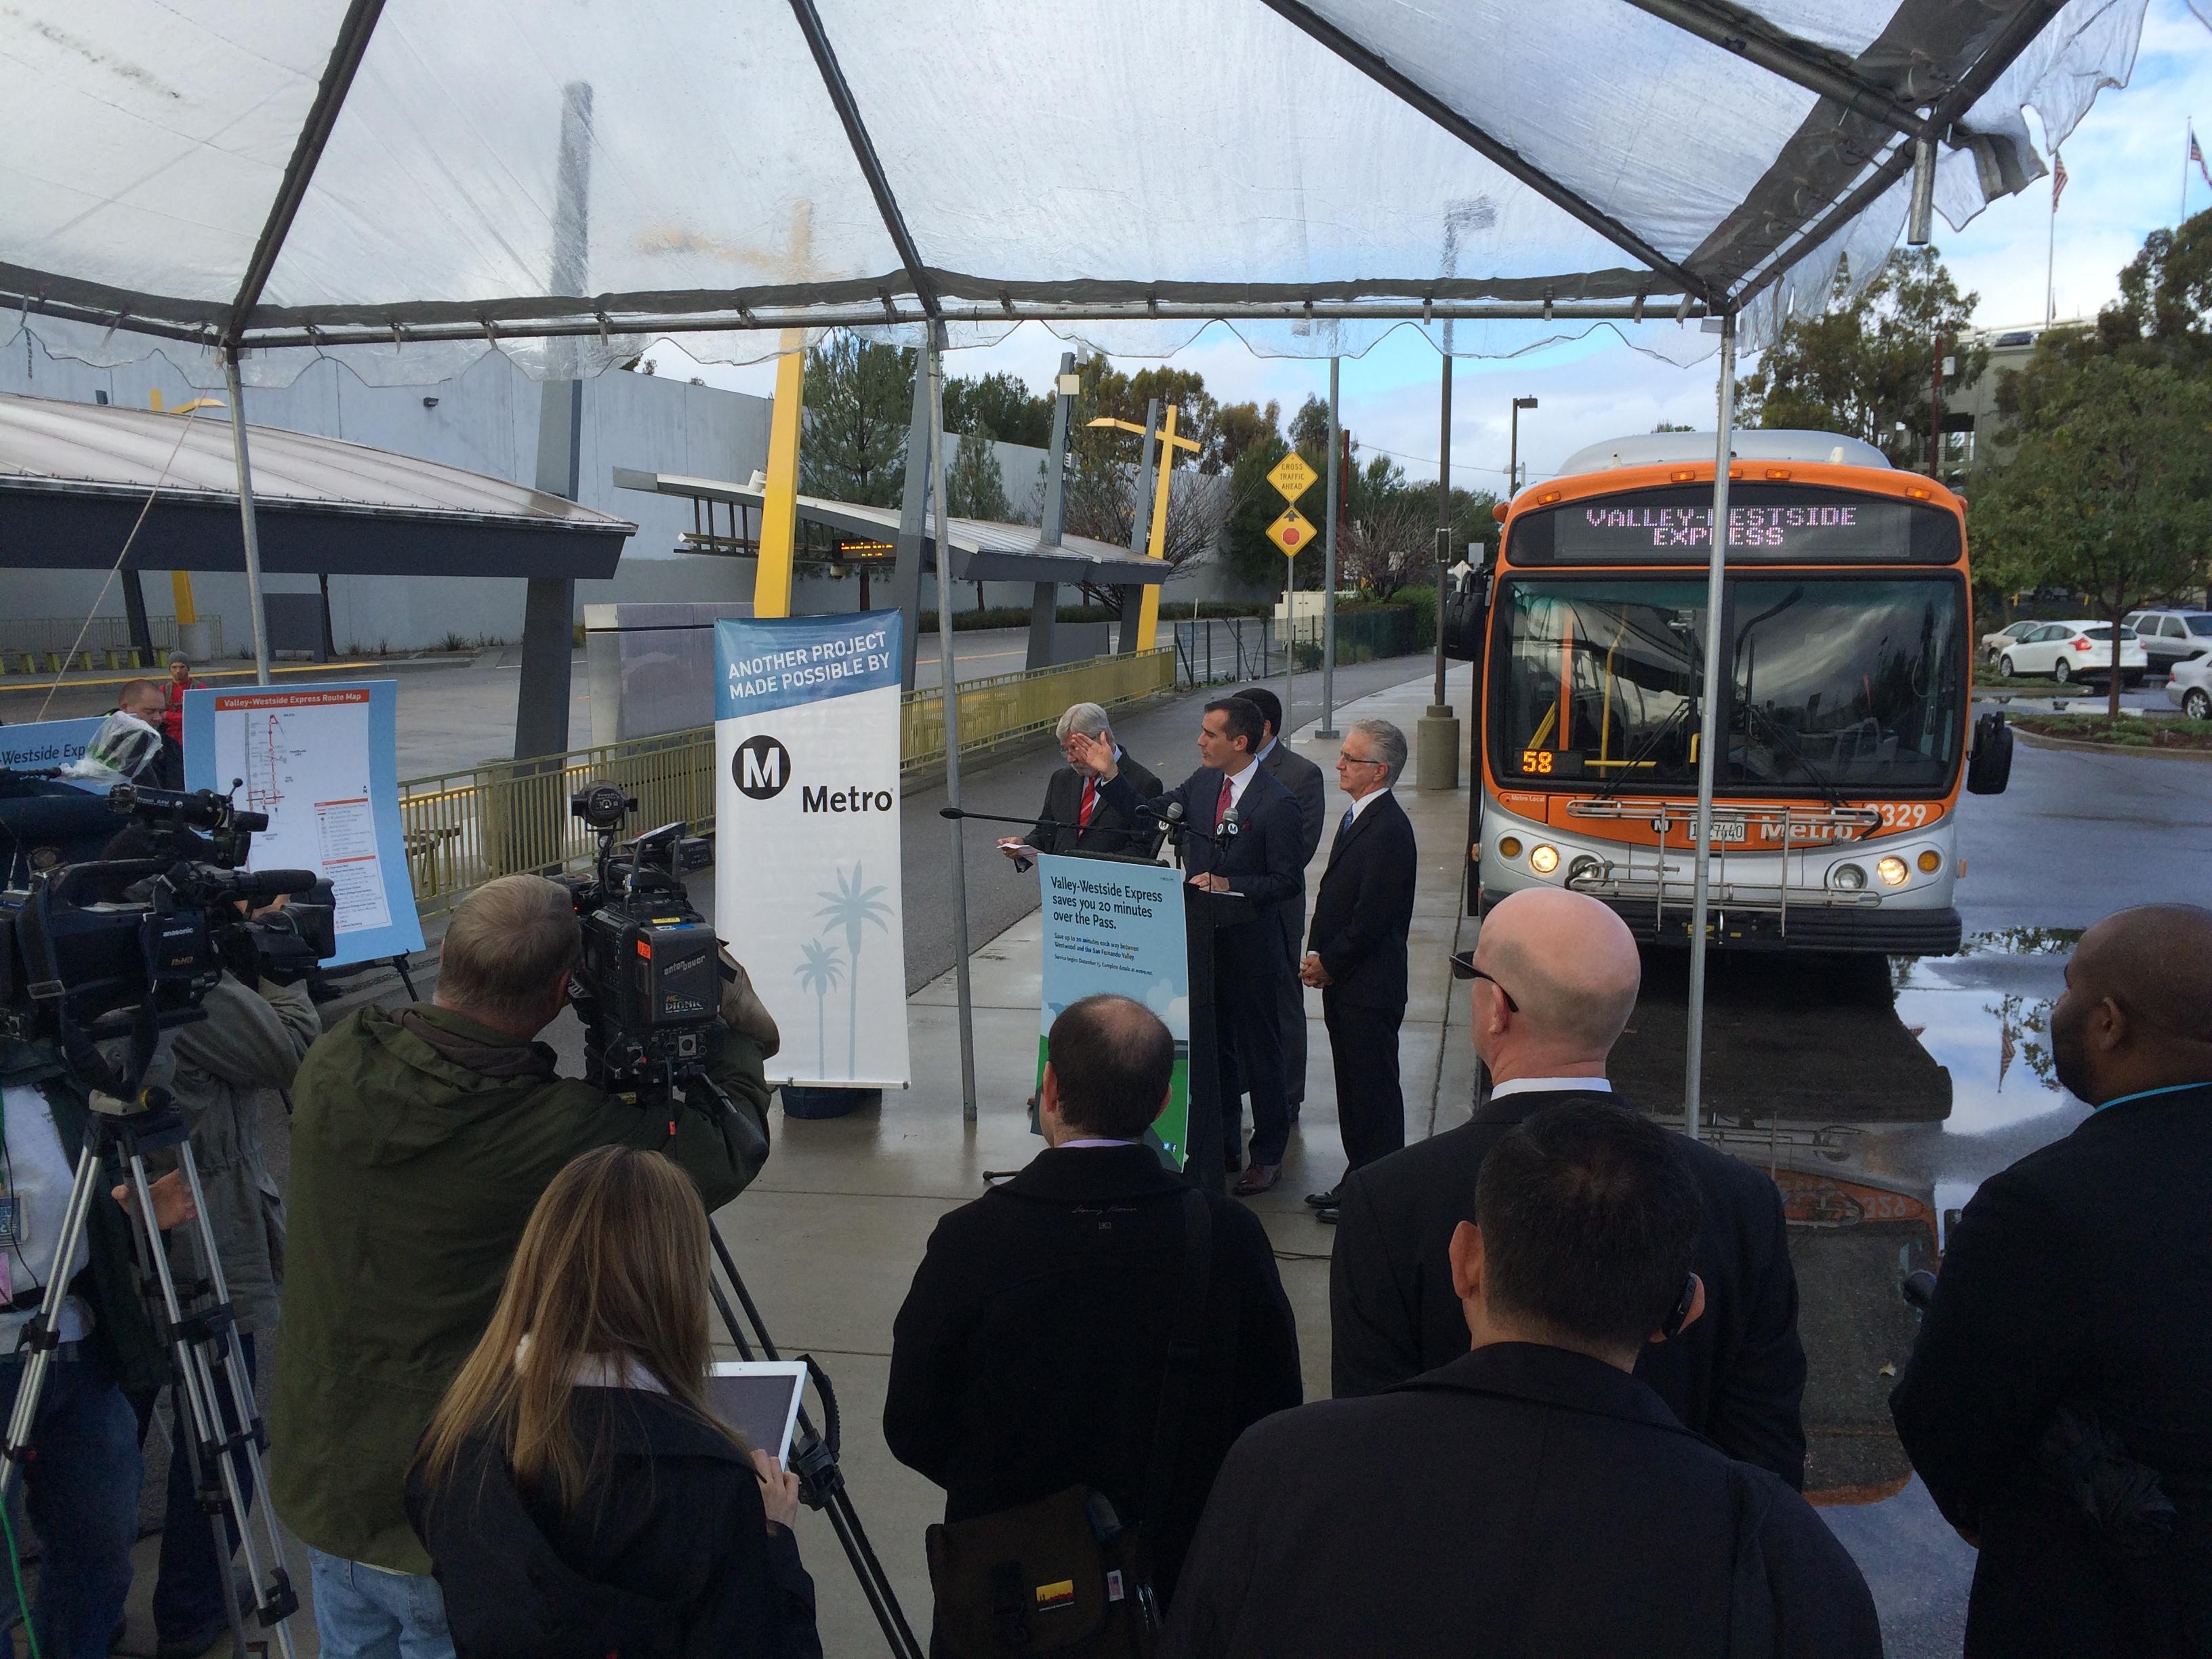 El alcalde de LA y presidente de la Junta Directiva de Metro y otros funcionarios de la agencia en la conferencia para anuncia el inicio del servicio Valley-Westside Express. Foto: José Ubaldo/Metro.